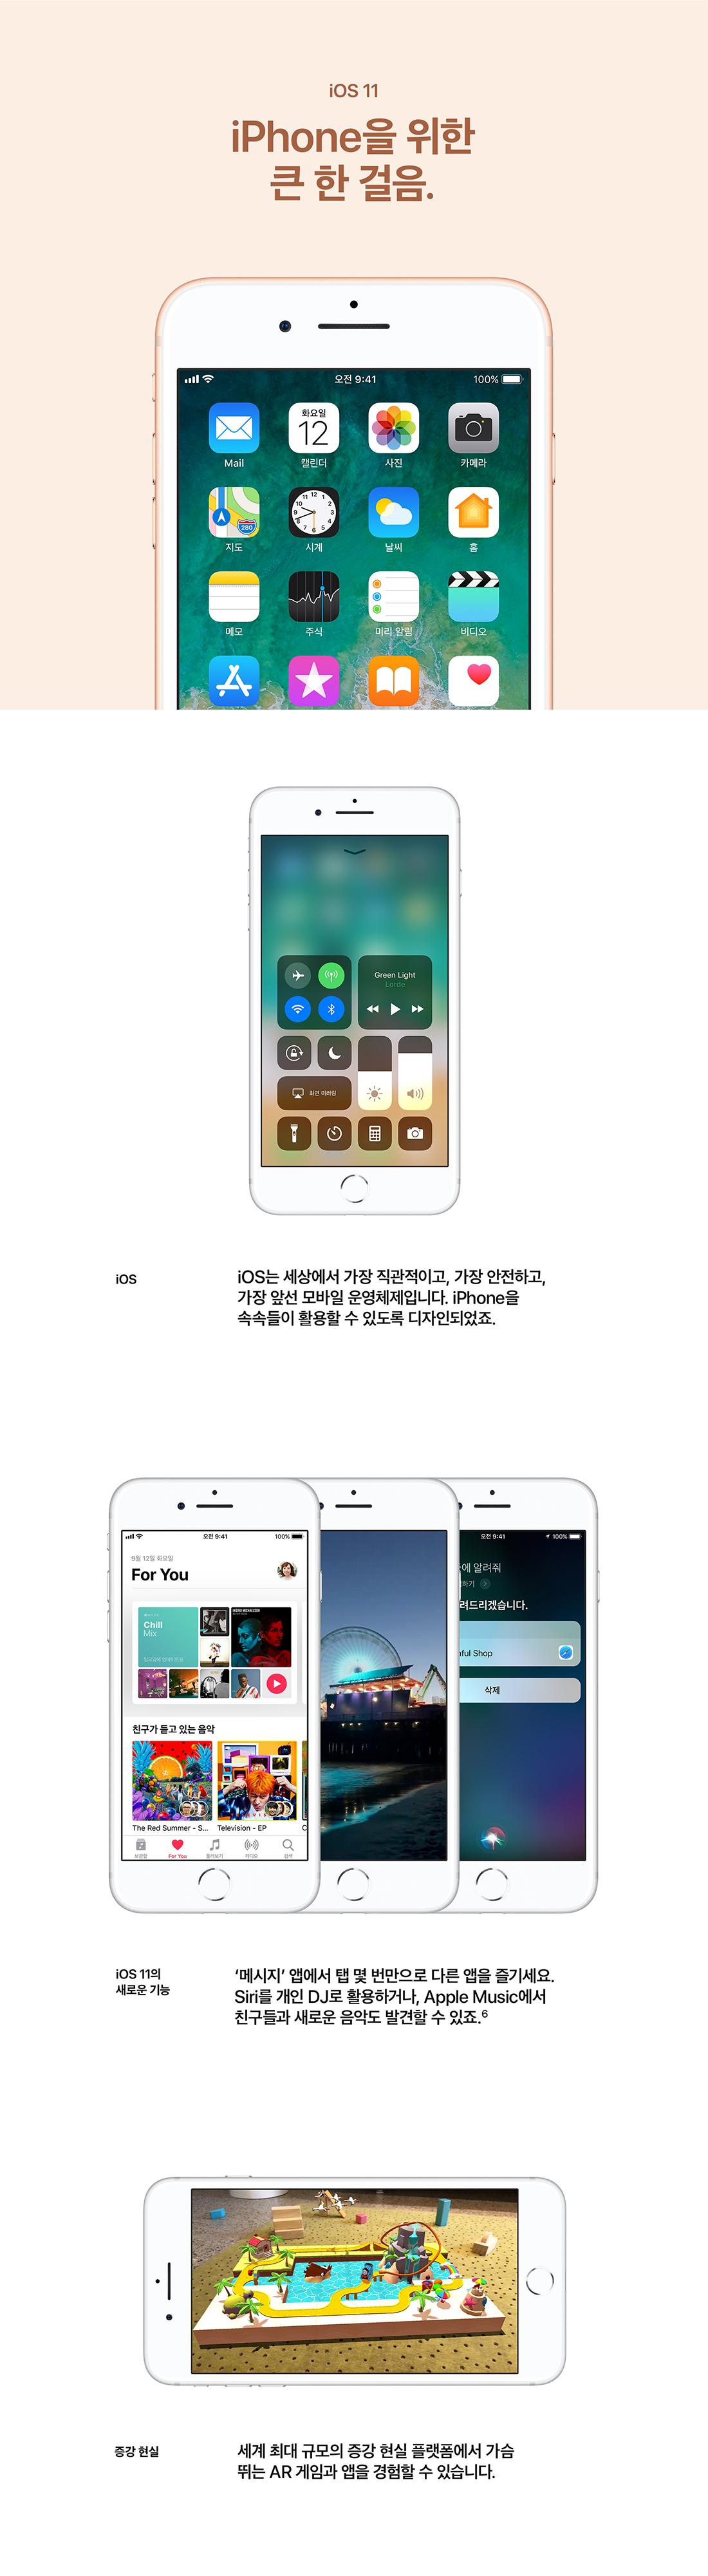 iPhone 8. 재색겸비. iPhone 8은 새로움으로 가득합니다. iOS 11 (자세한 내용은 하단 문구 참조)